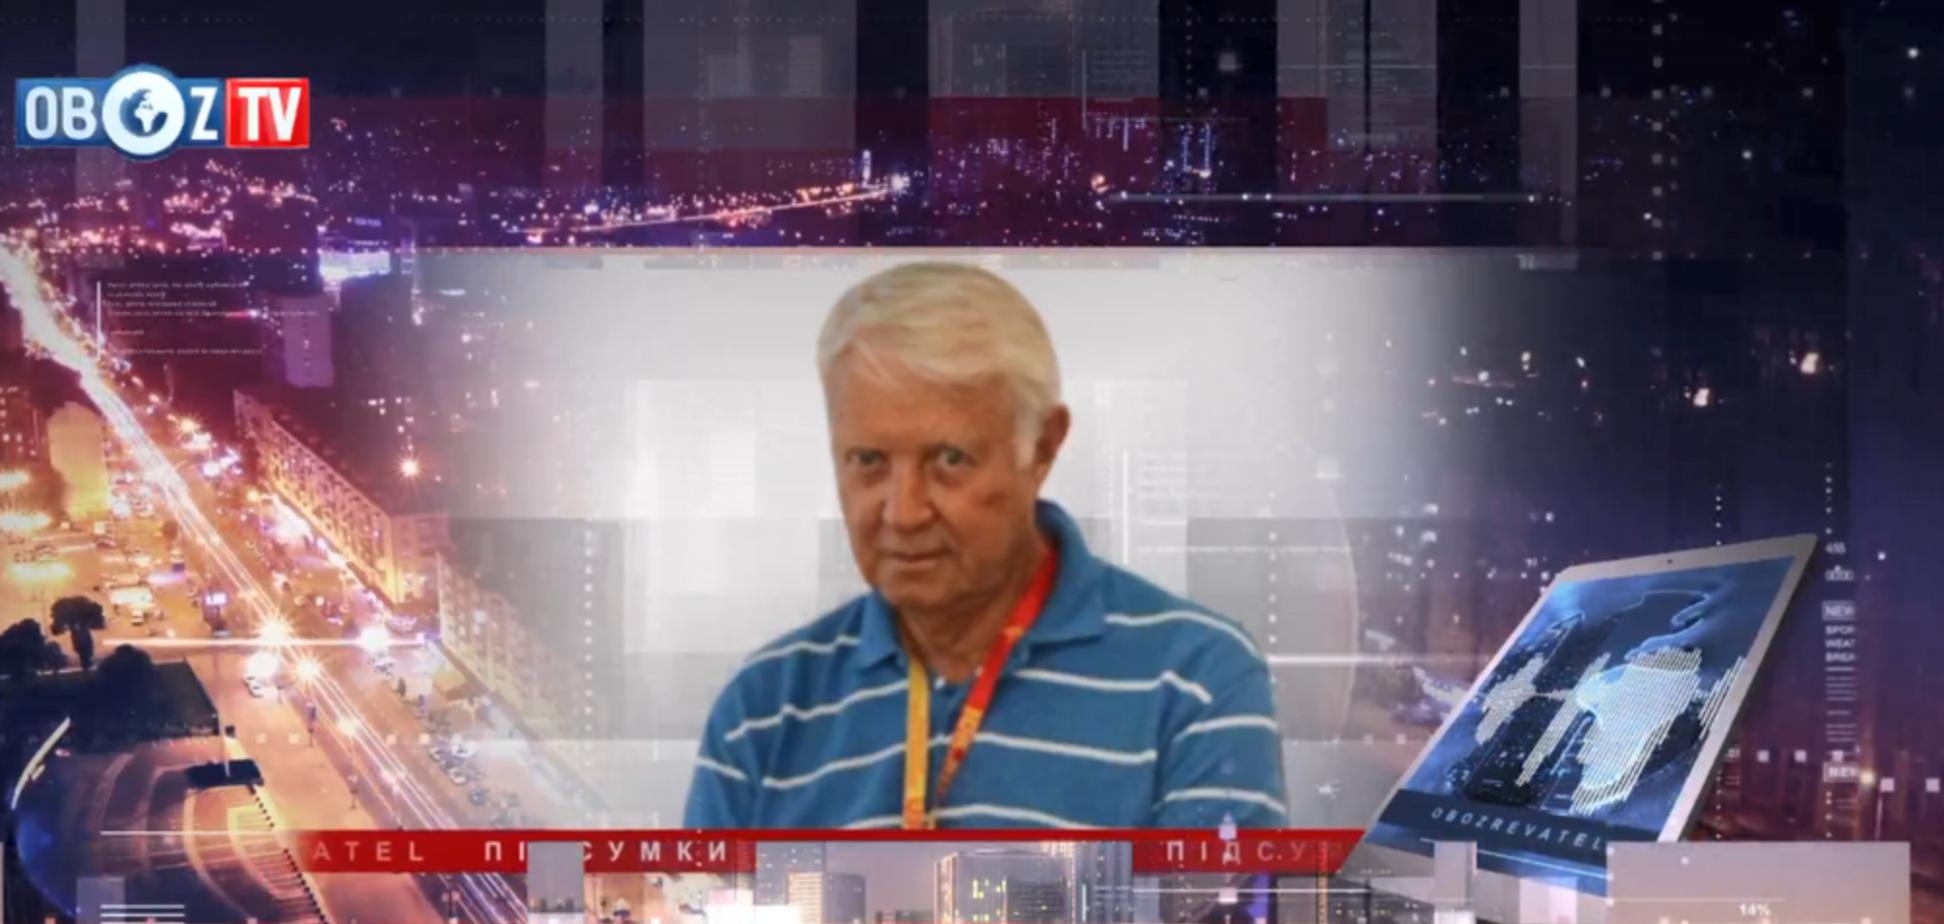 Много снега и морозы: народный синоптик рассказал, когда в Украину придет зима